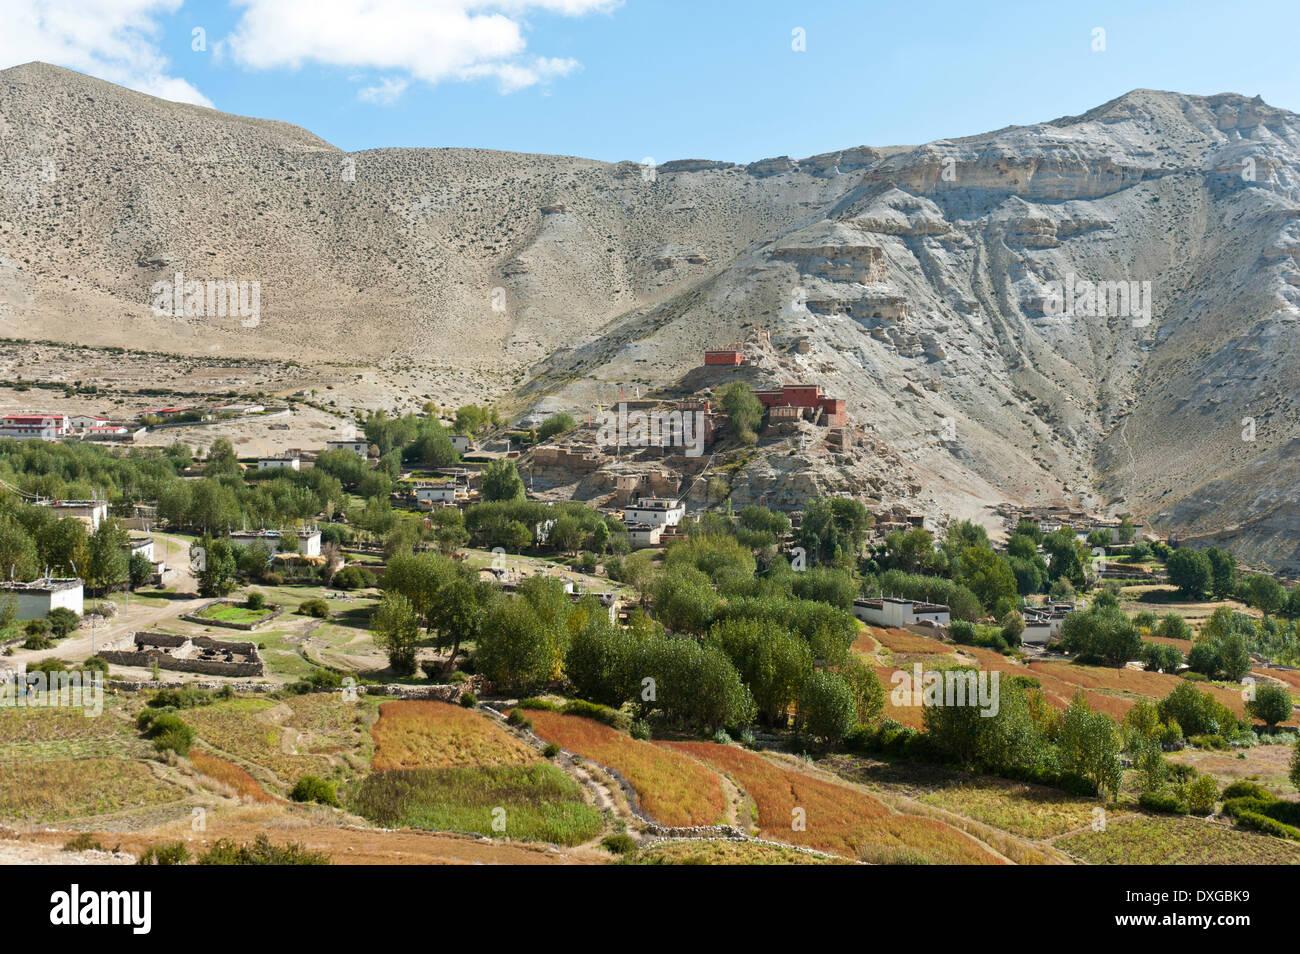 Il villaggio di Geling con Tashi Choling Gompa, monastero, i campi e gli alberi in corrispondenza della parte anteriore, Gieling, Mustang superiore, ecco il Nepal Immagini Stock